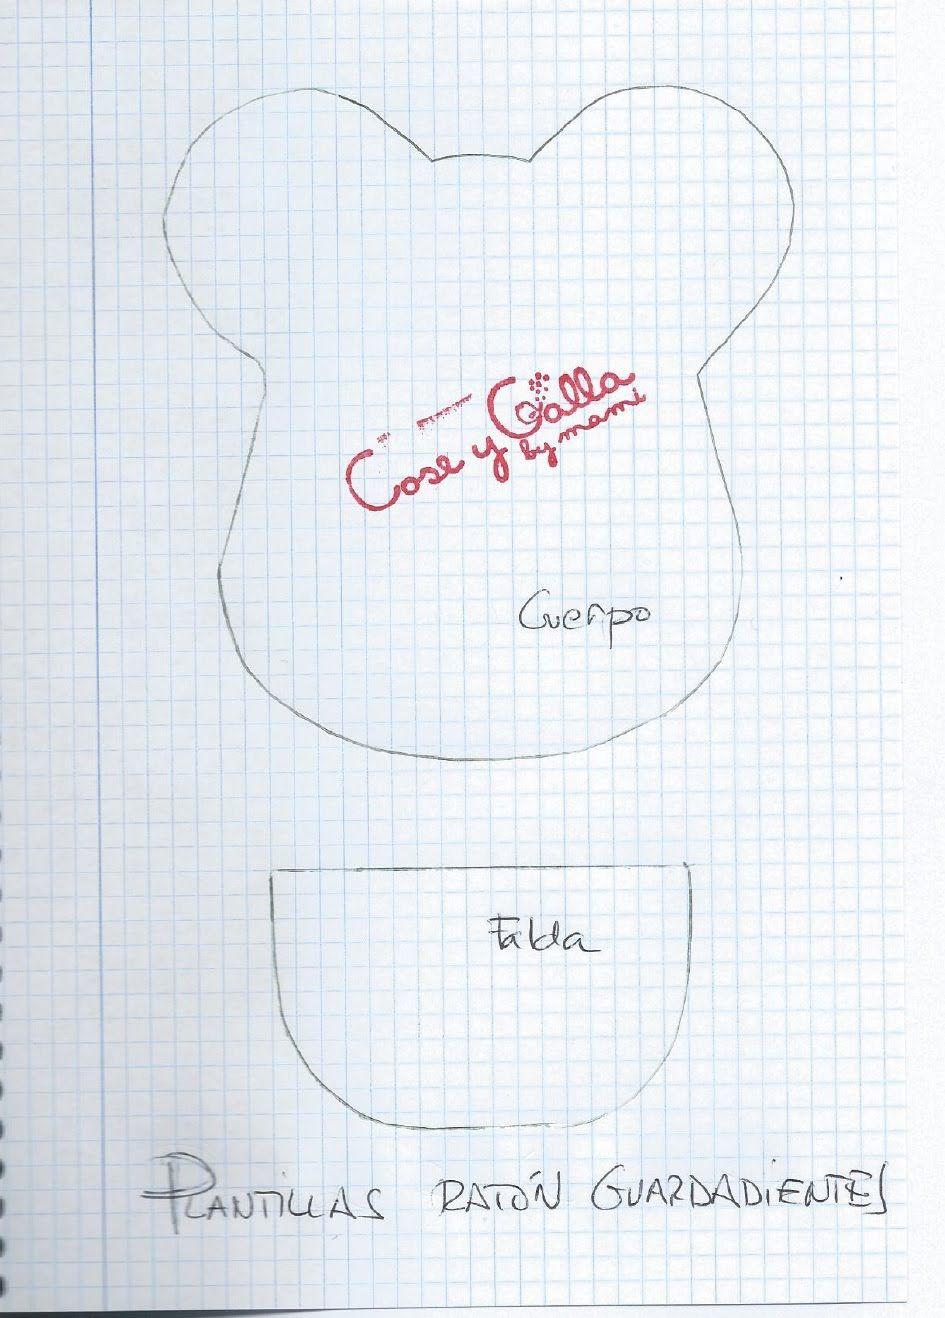 Plantilla Ratón Guarda-dientes - Archivos de Cose y Calla